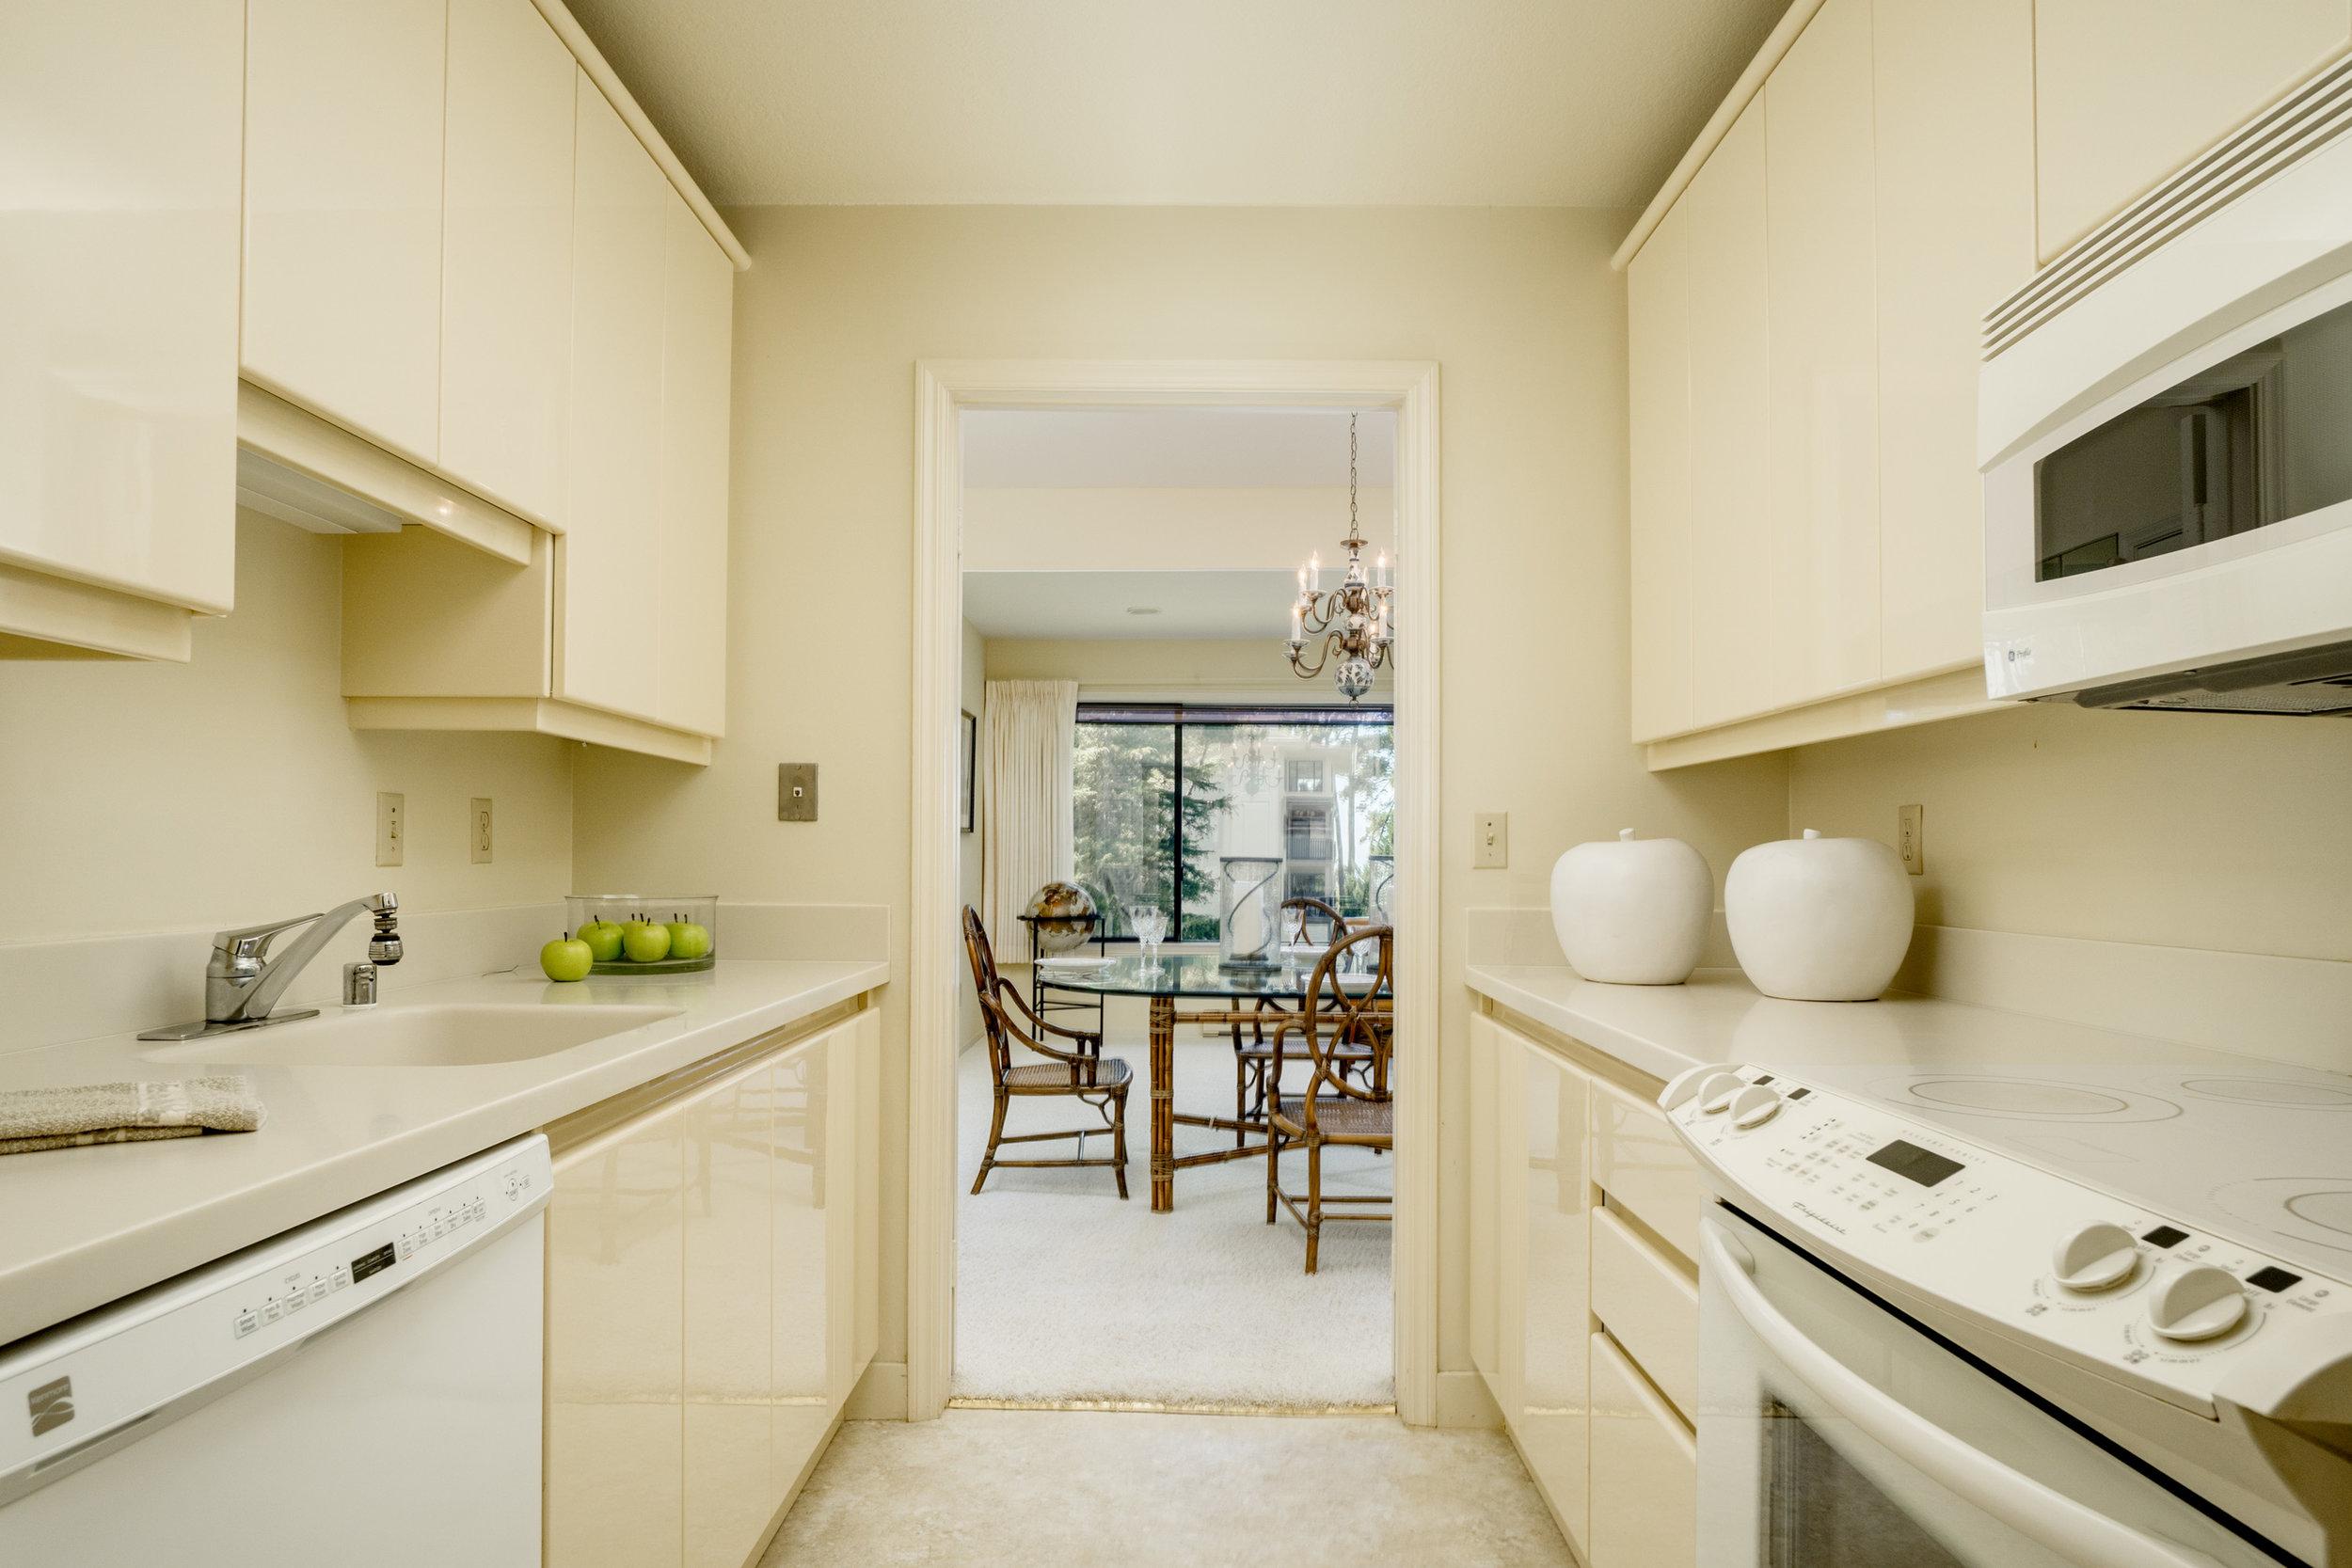 8 kitchen 1.jpg